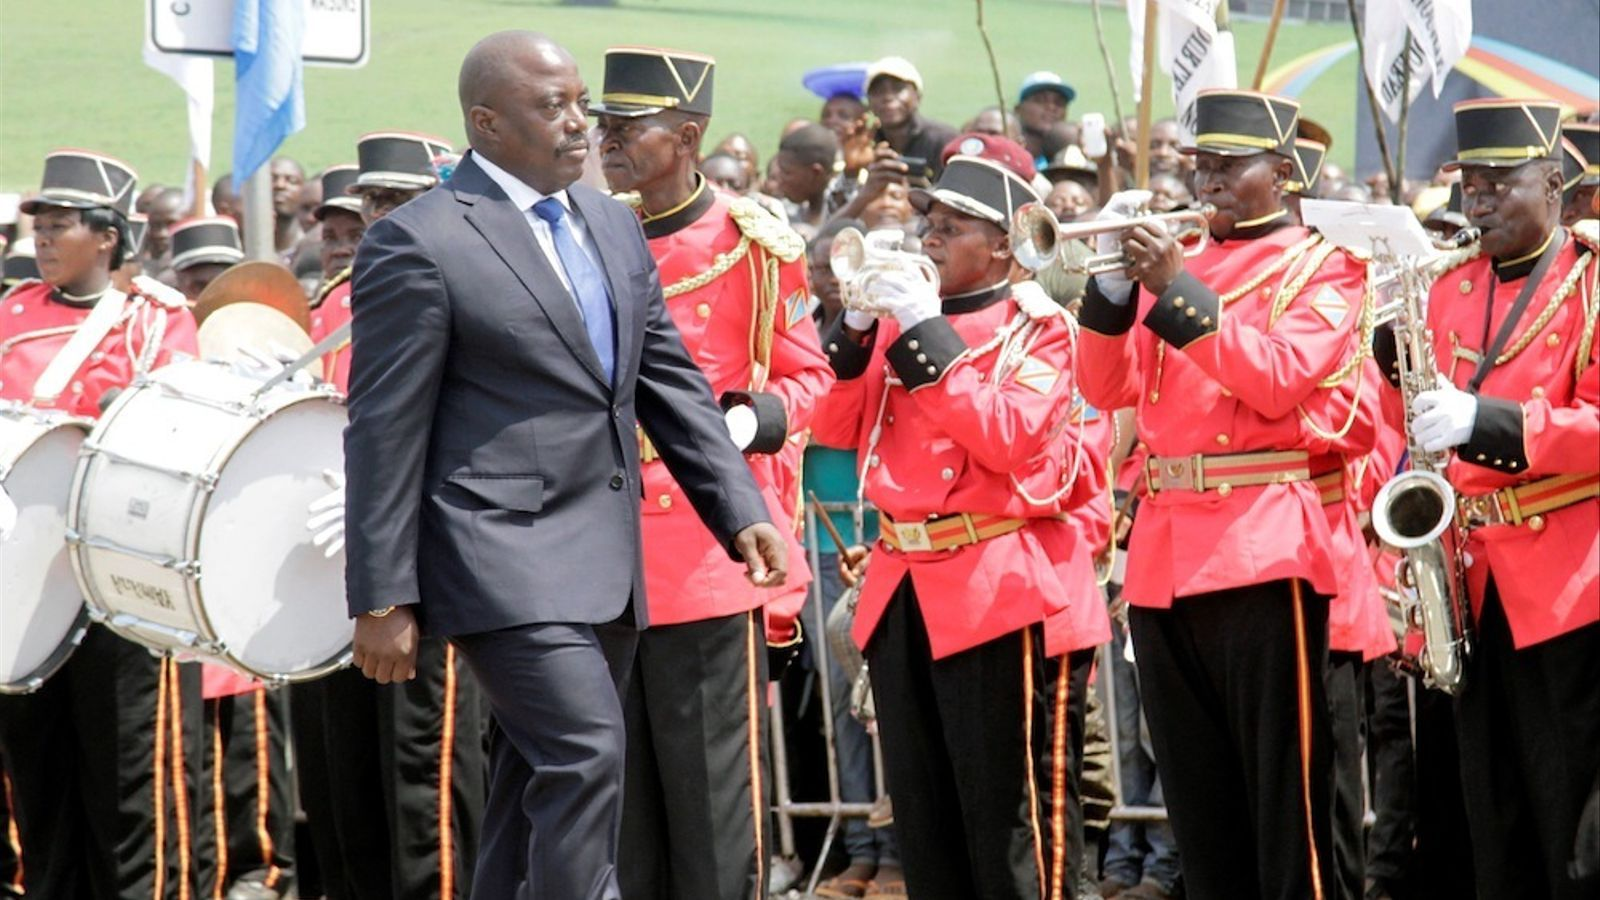 El president Joseph Kabila passa revisa a la guàrdia militar.